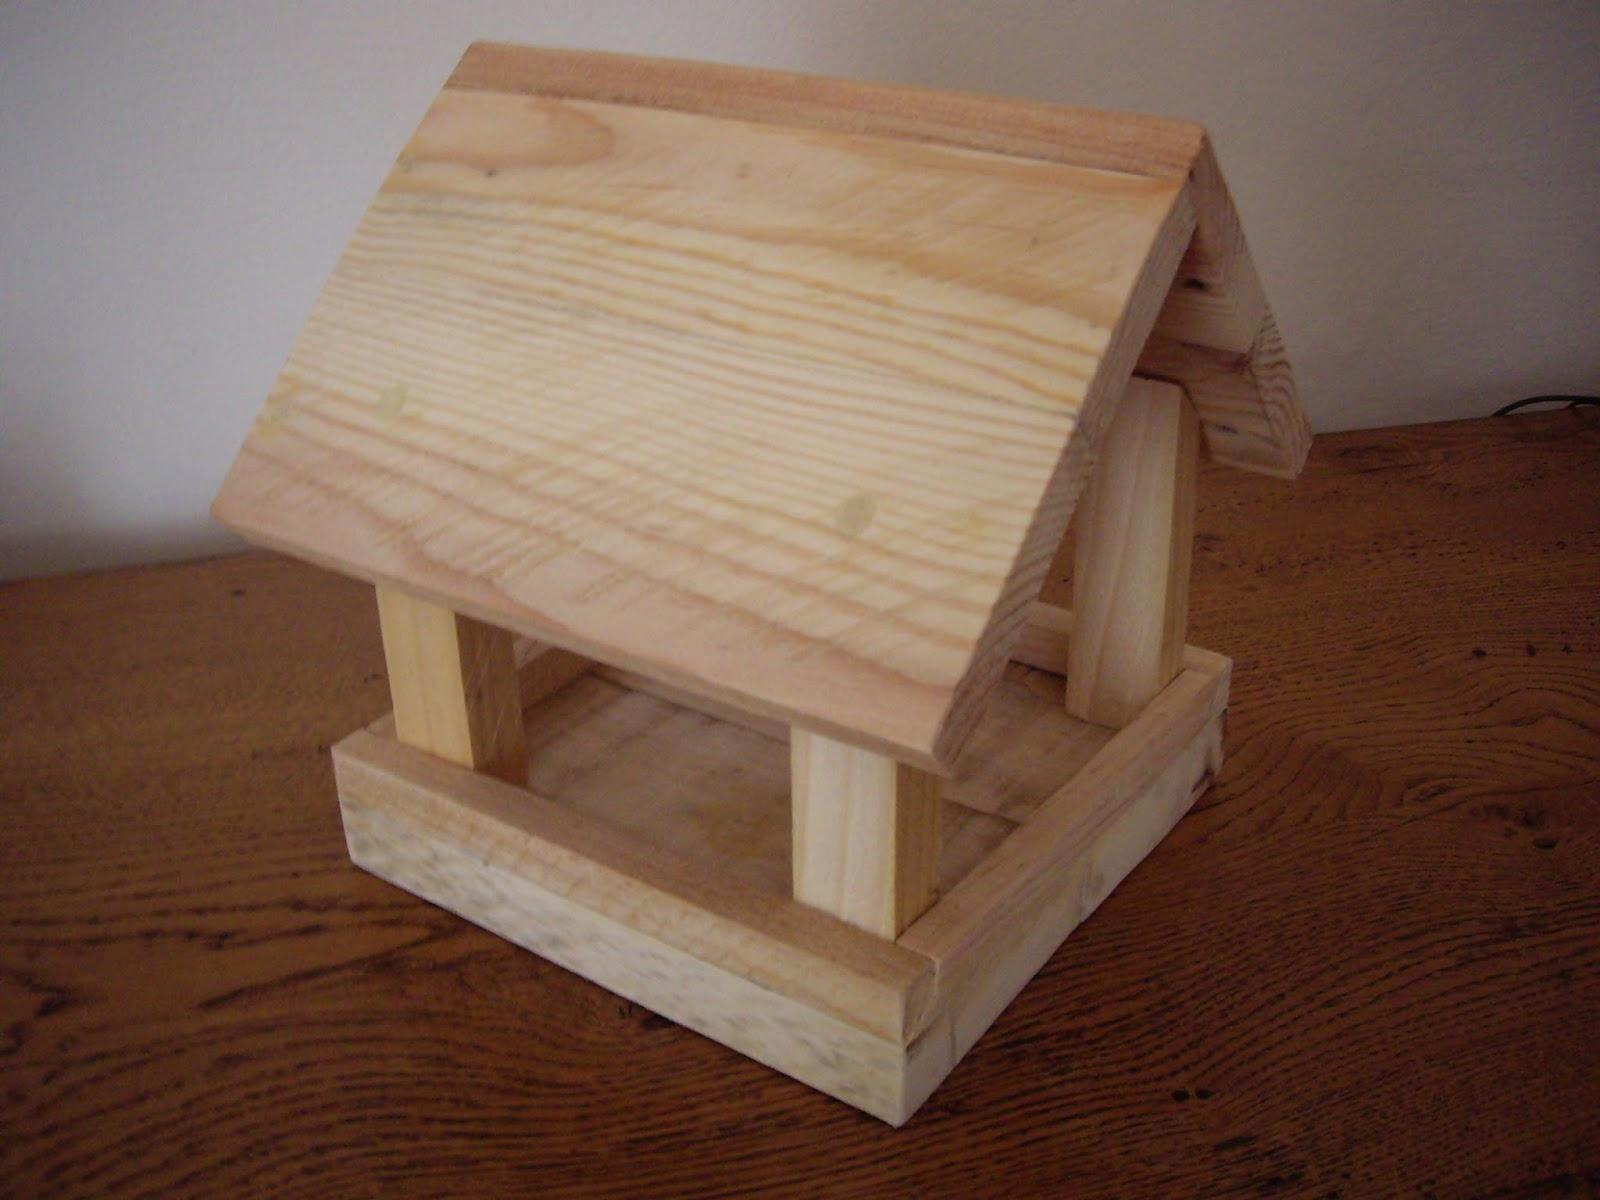 Objets d co tutoriels et meubles en bois de palettes for Petit objet deco exterieur